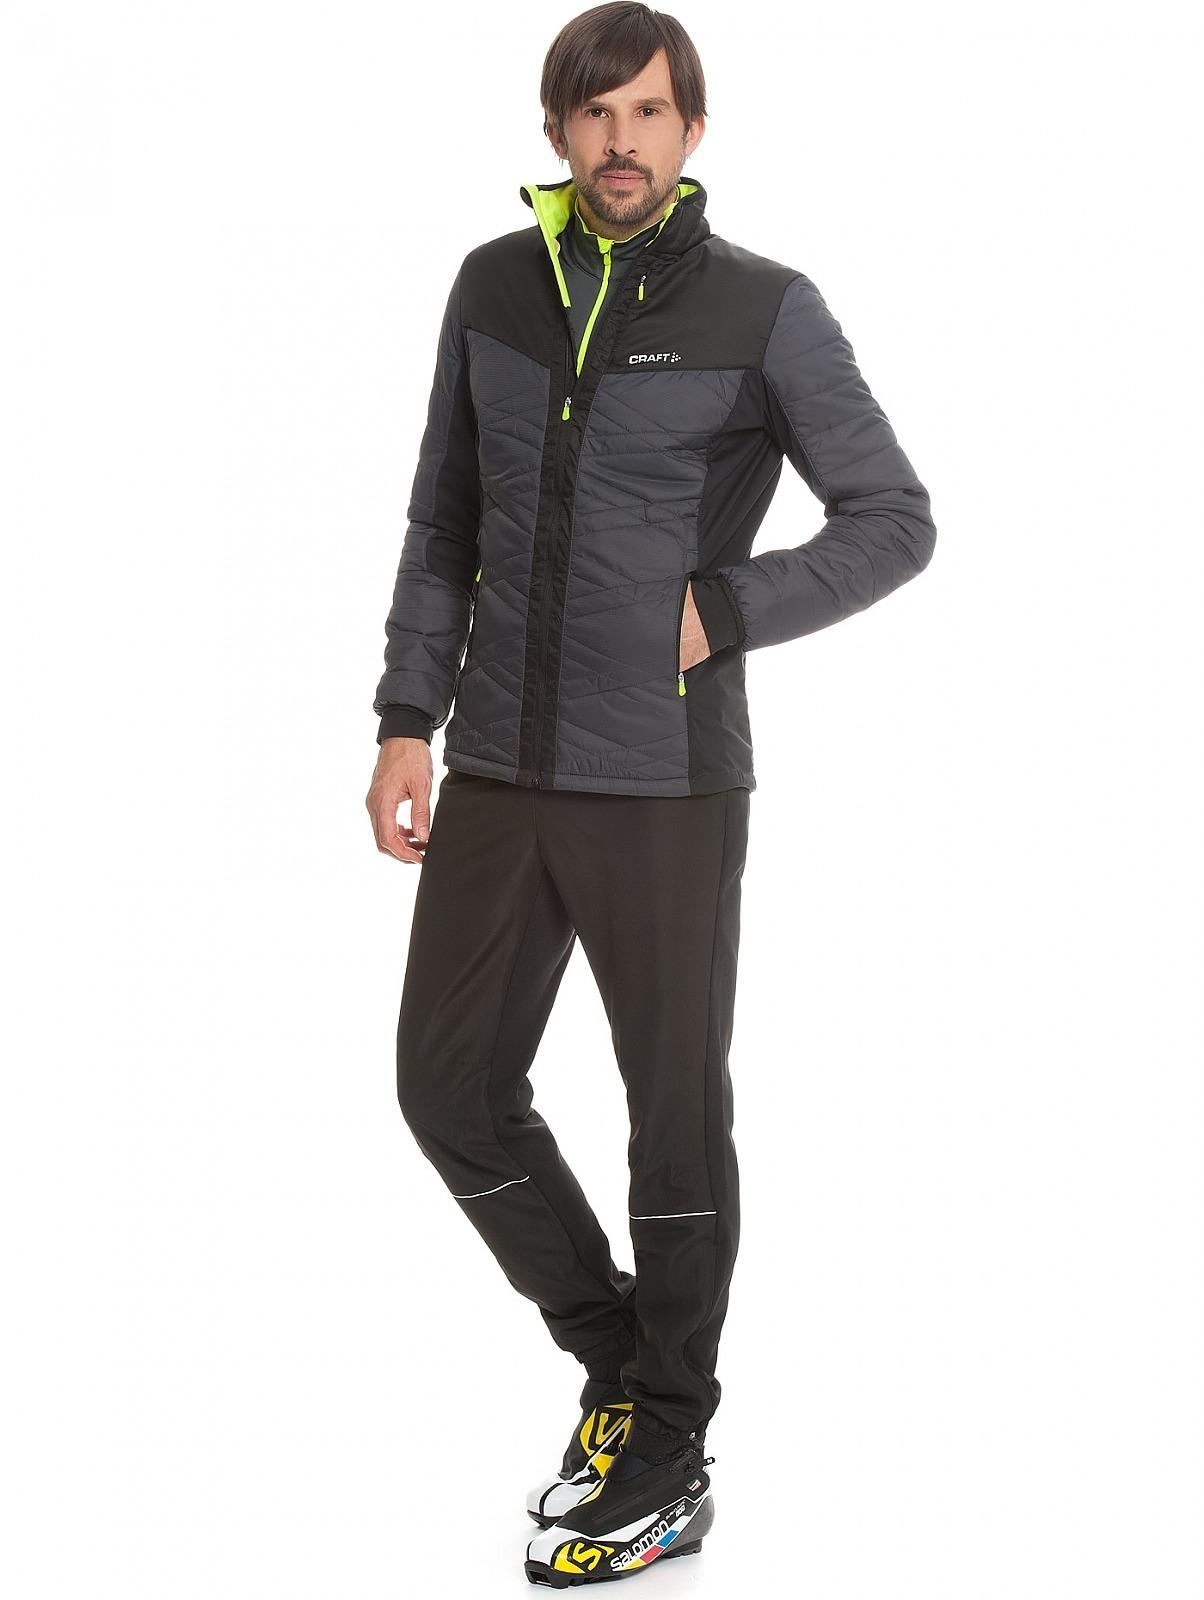 Мужская  лыжная куртка Craft Insulation XC 1903577-2995 со скидкой